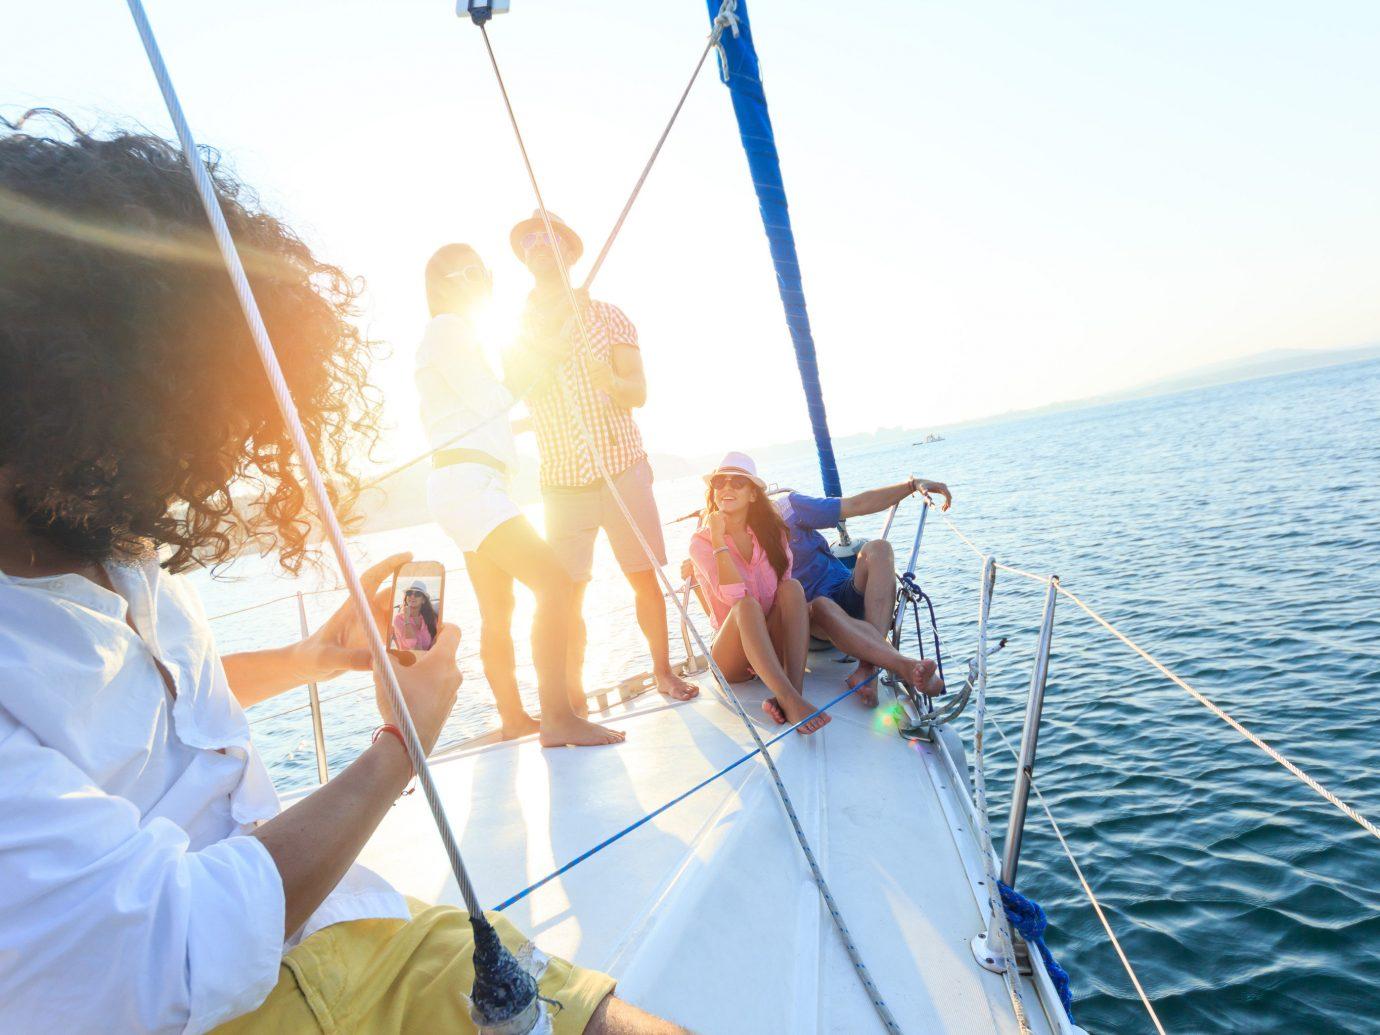 Travel Tips water sky outdoor Boat person sailing sail vehicle sailing ship sailboat windsports mast